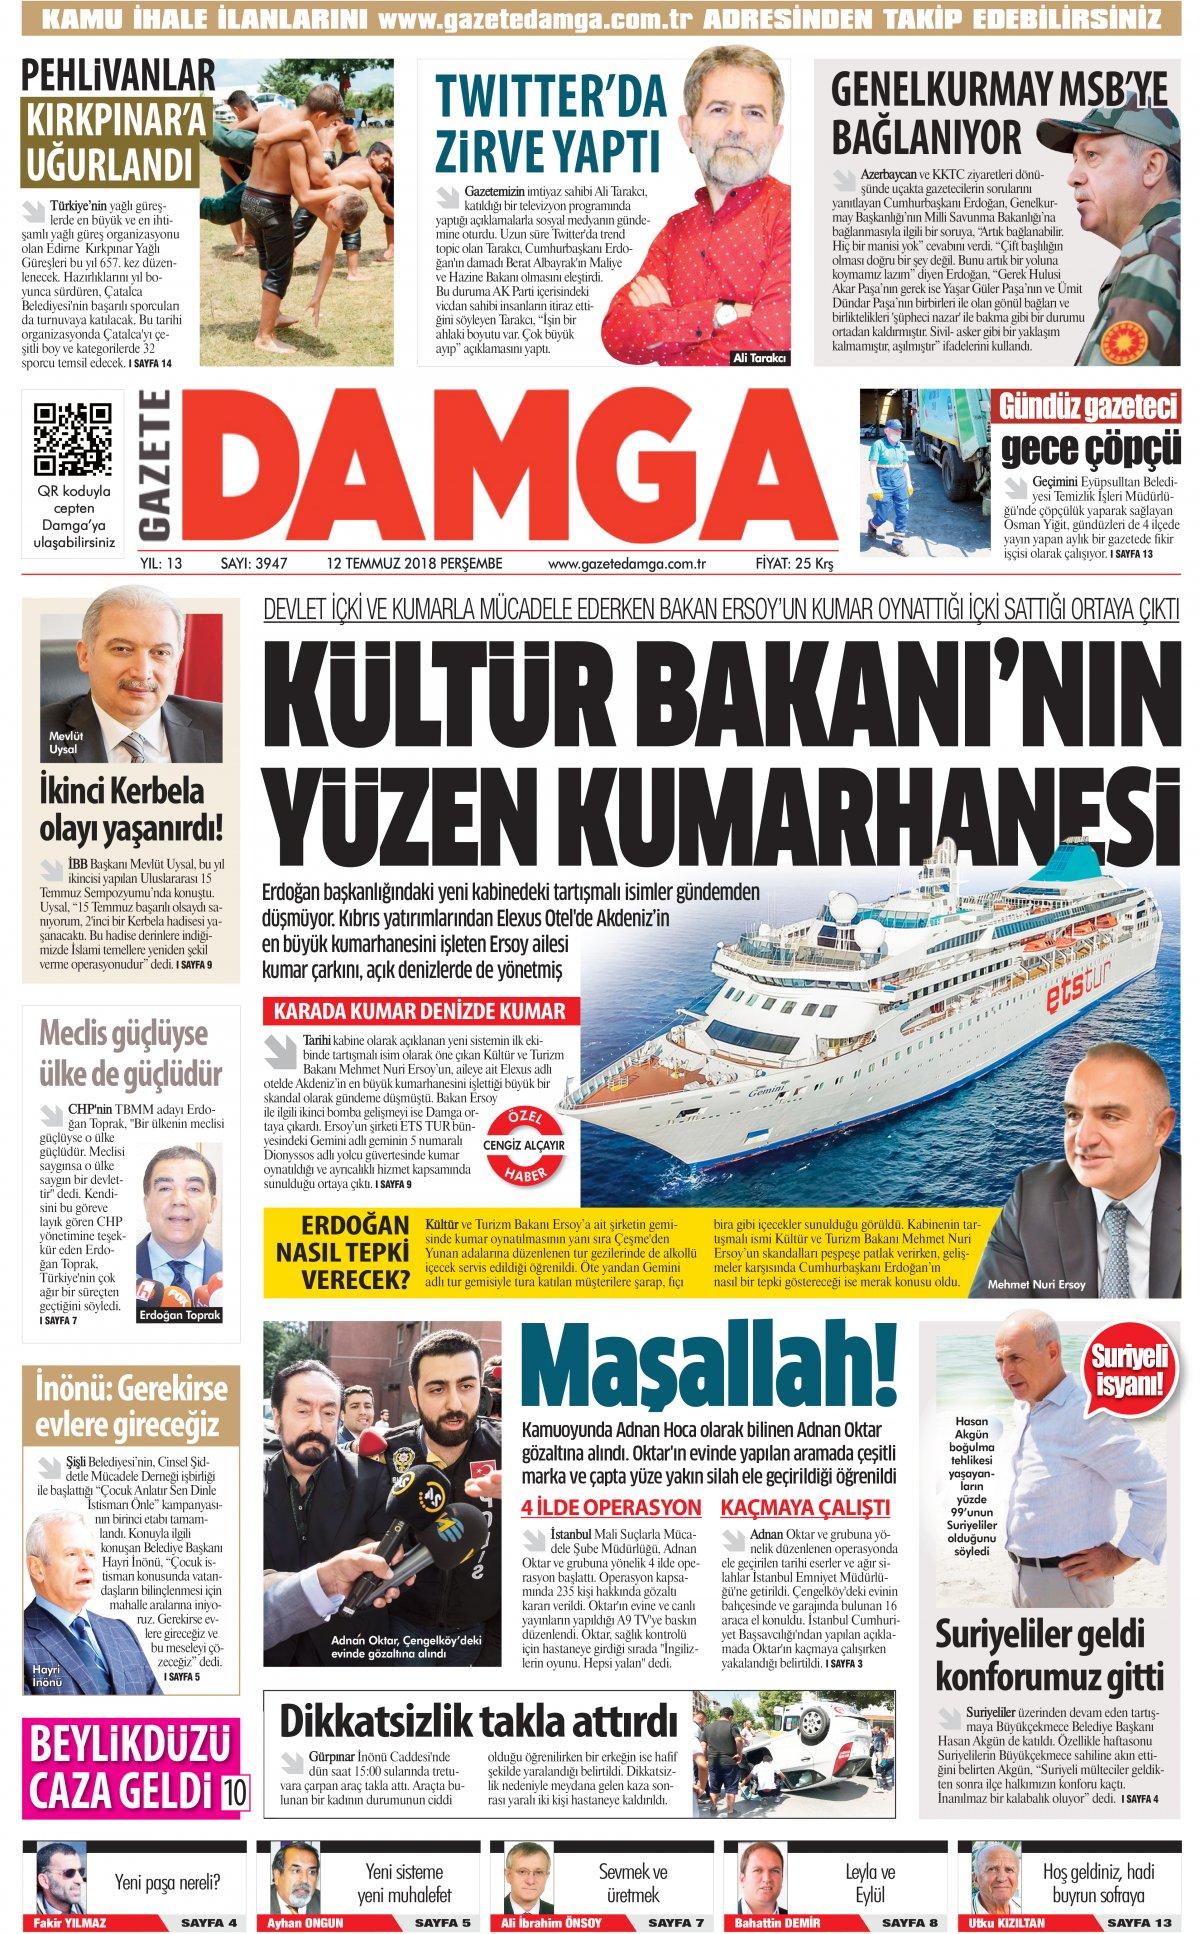 Gazete Damga - 12.07.2018 Manşeti